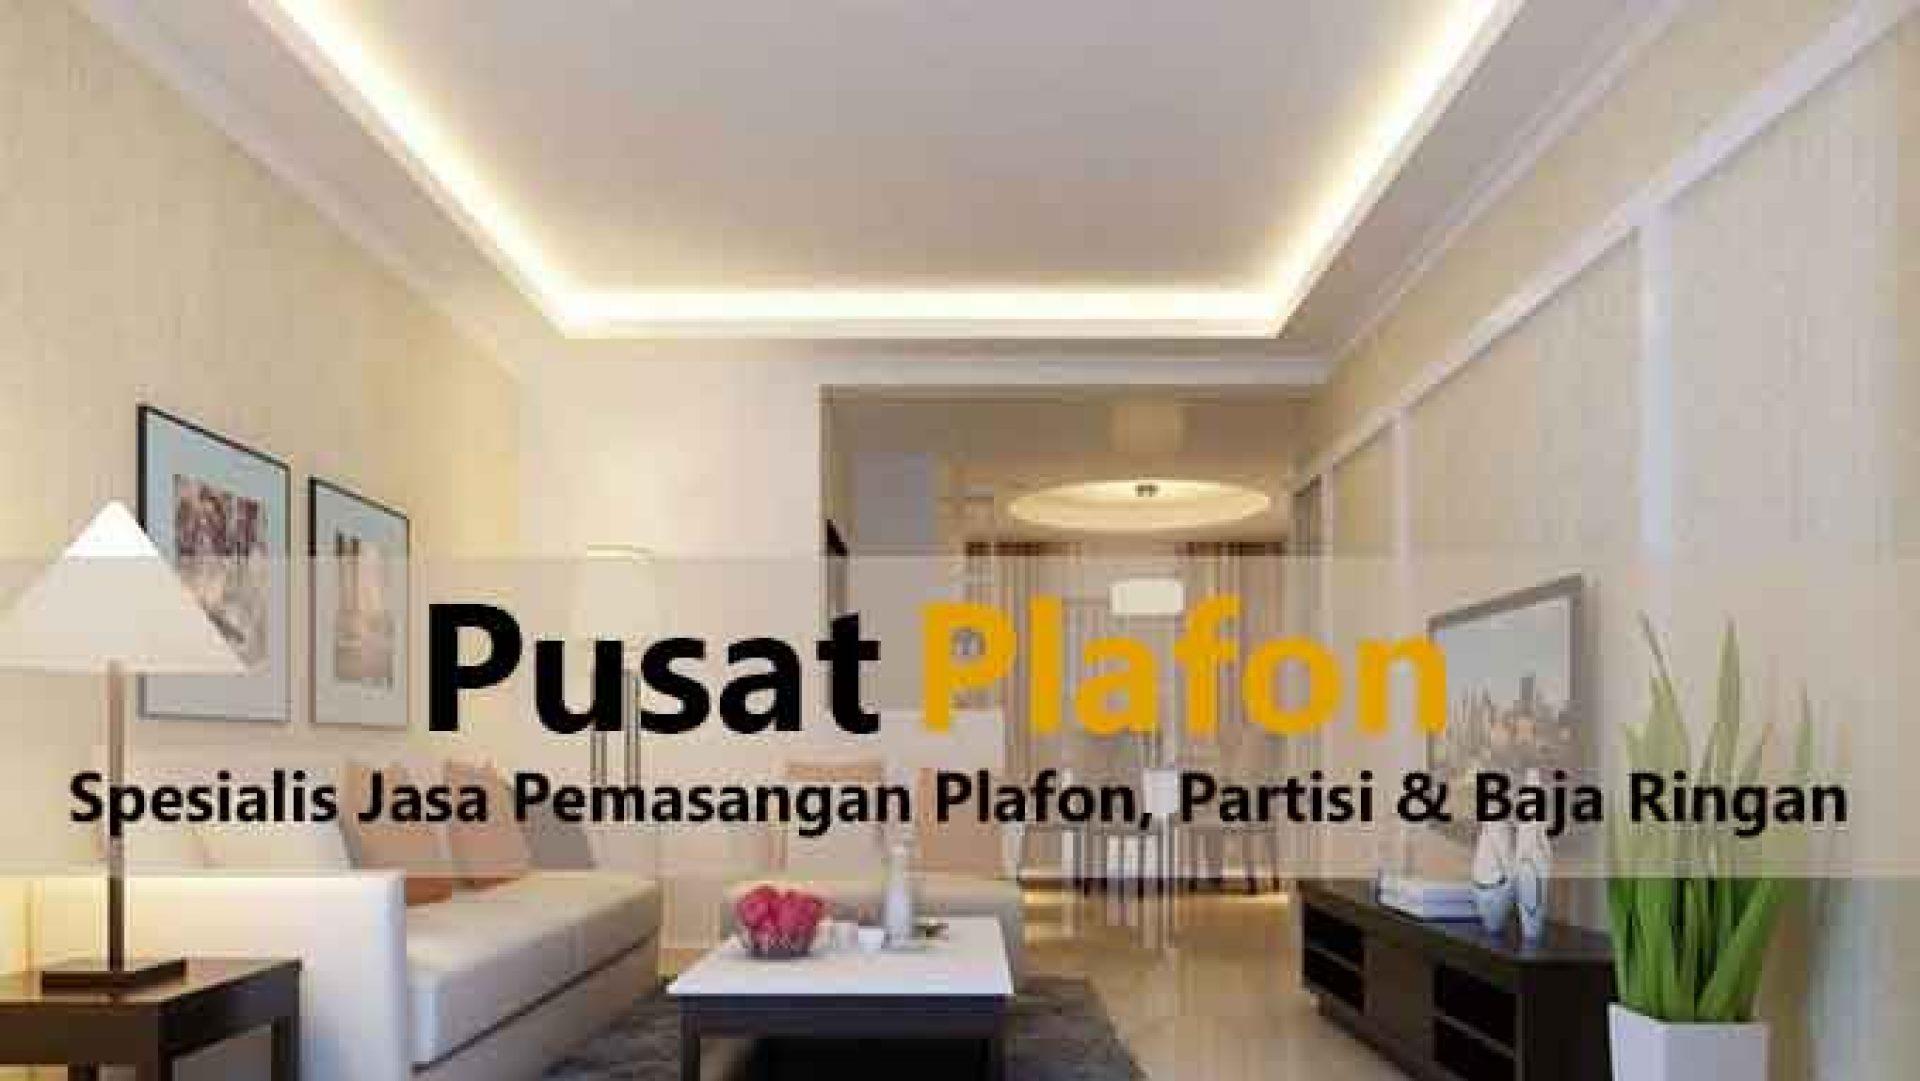 Pusat Plafon